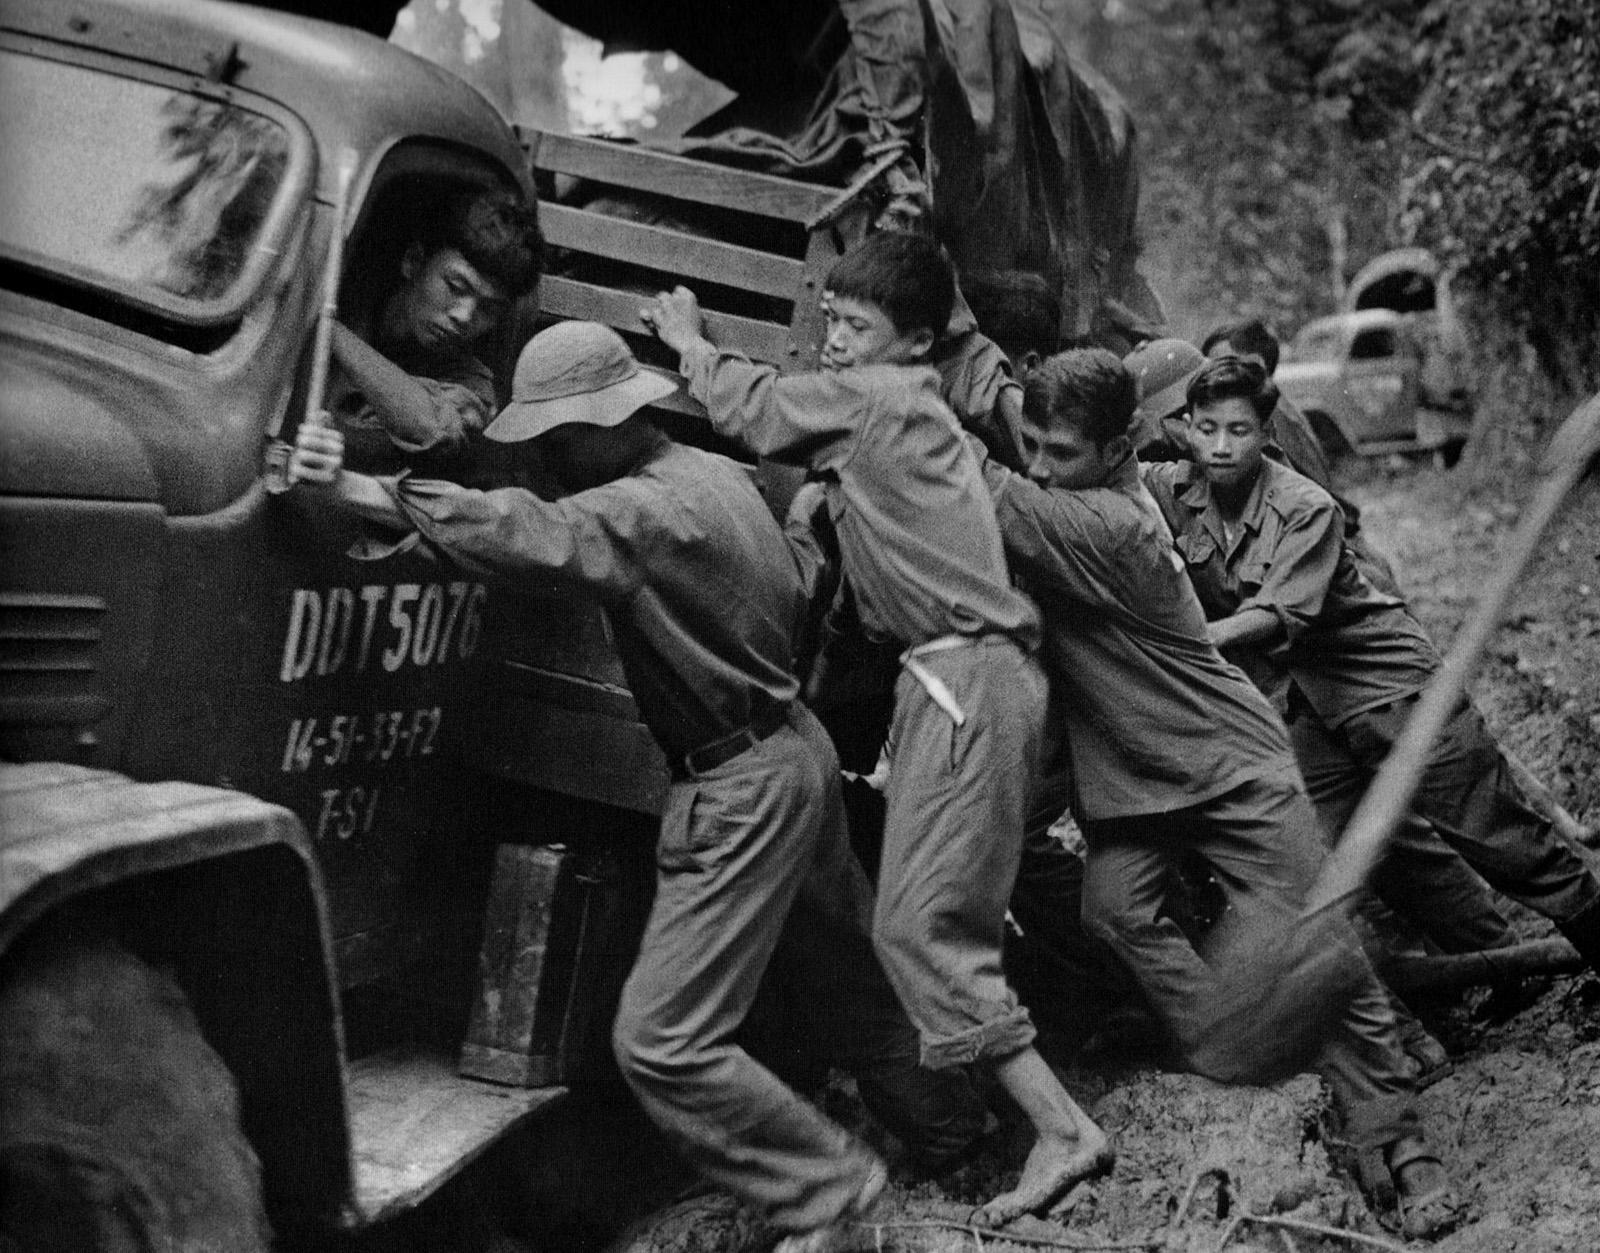 1974_truck_in_mud_hcm_trail.jpg